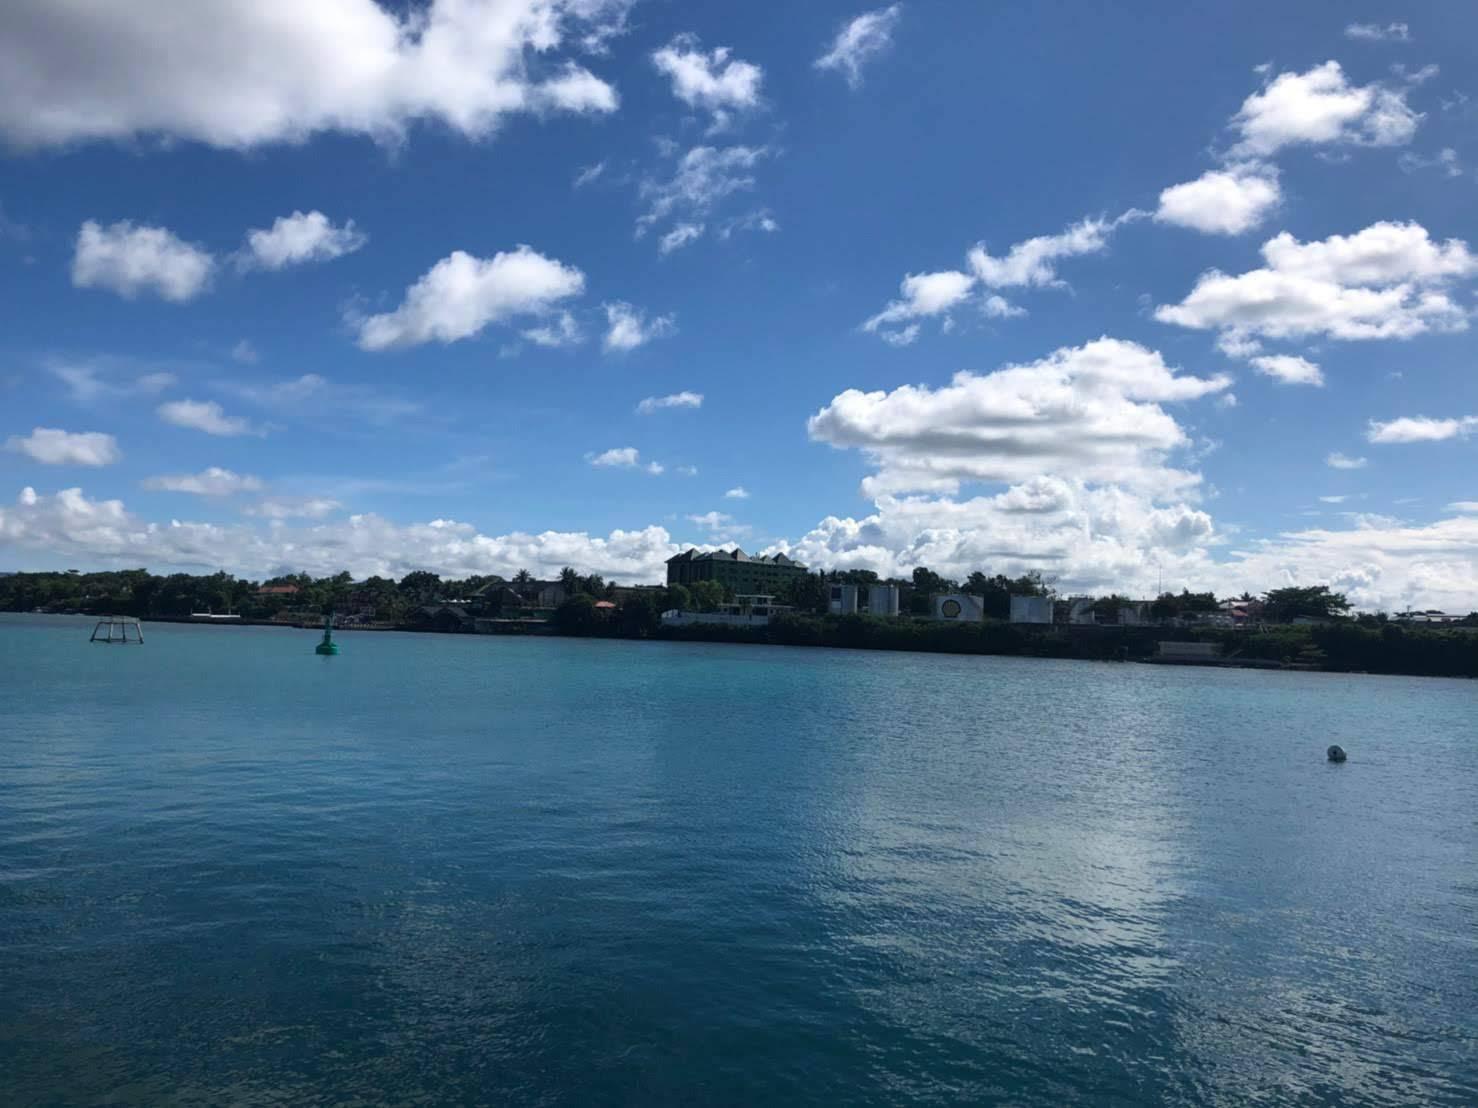 タグビララン港に到着